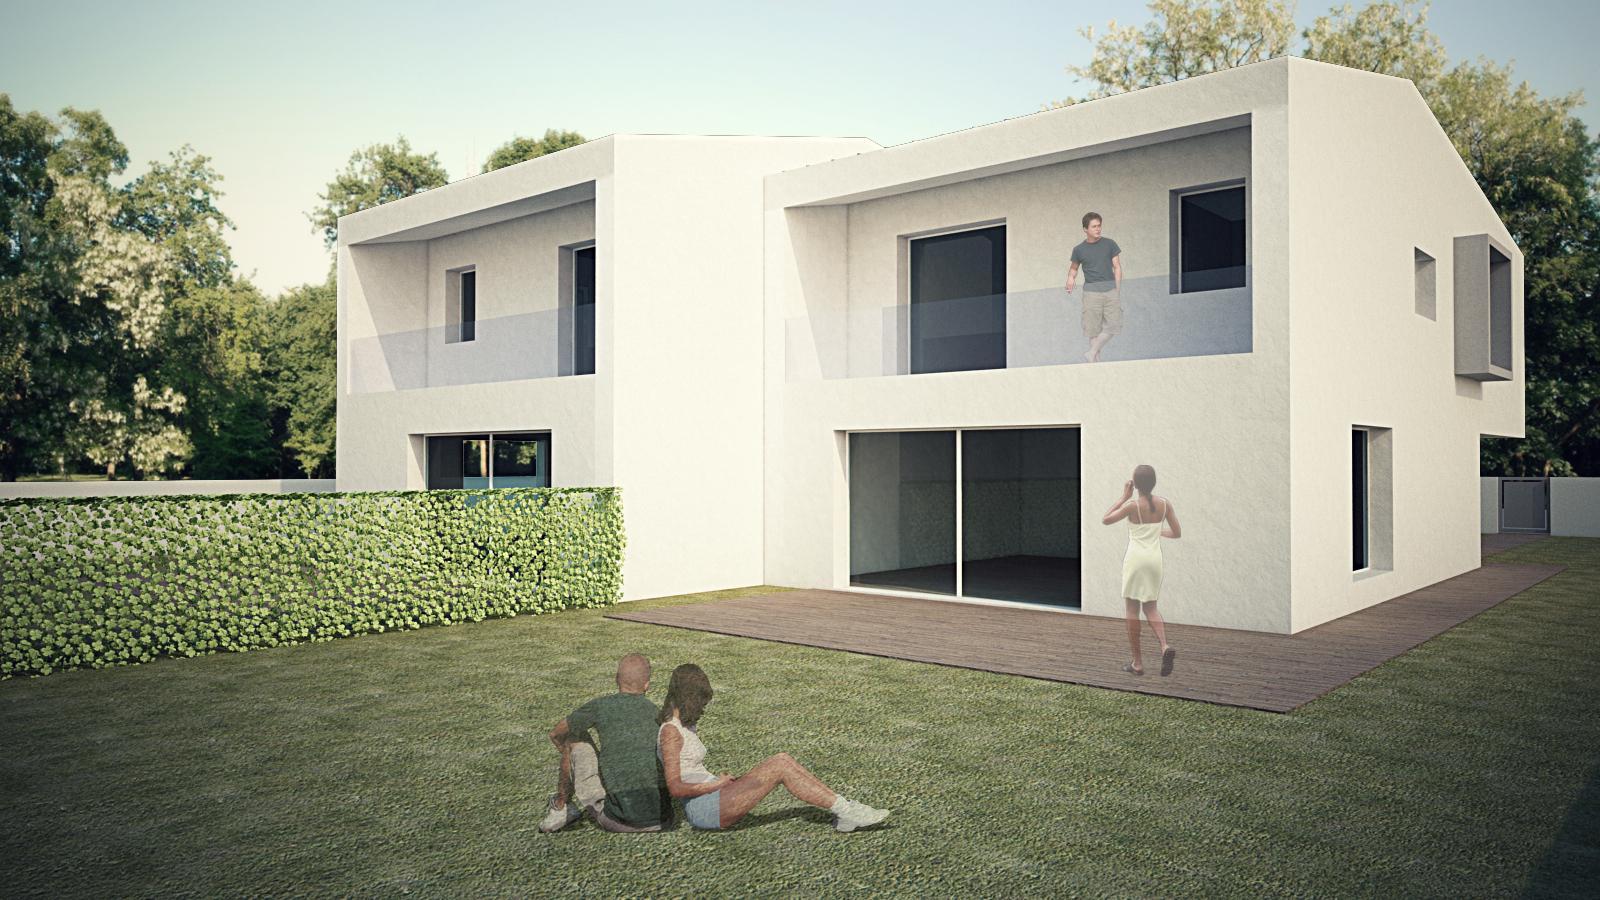 Architetto andrea boldrin a padova 35141 architetti for Architetti studi architettura brescia